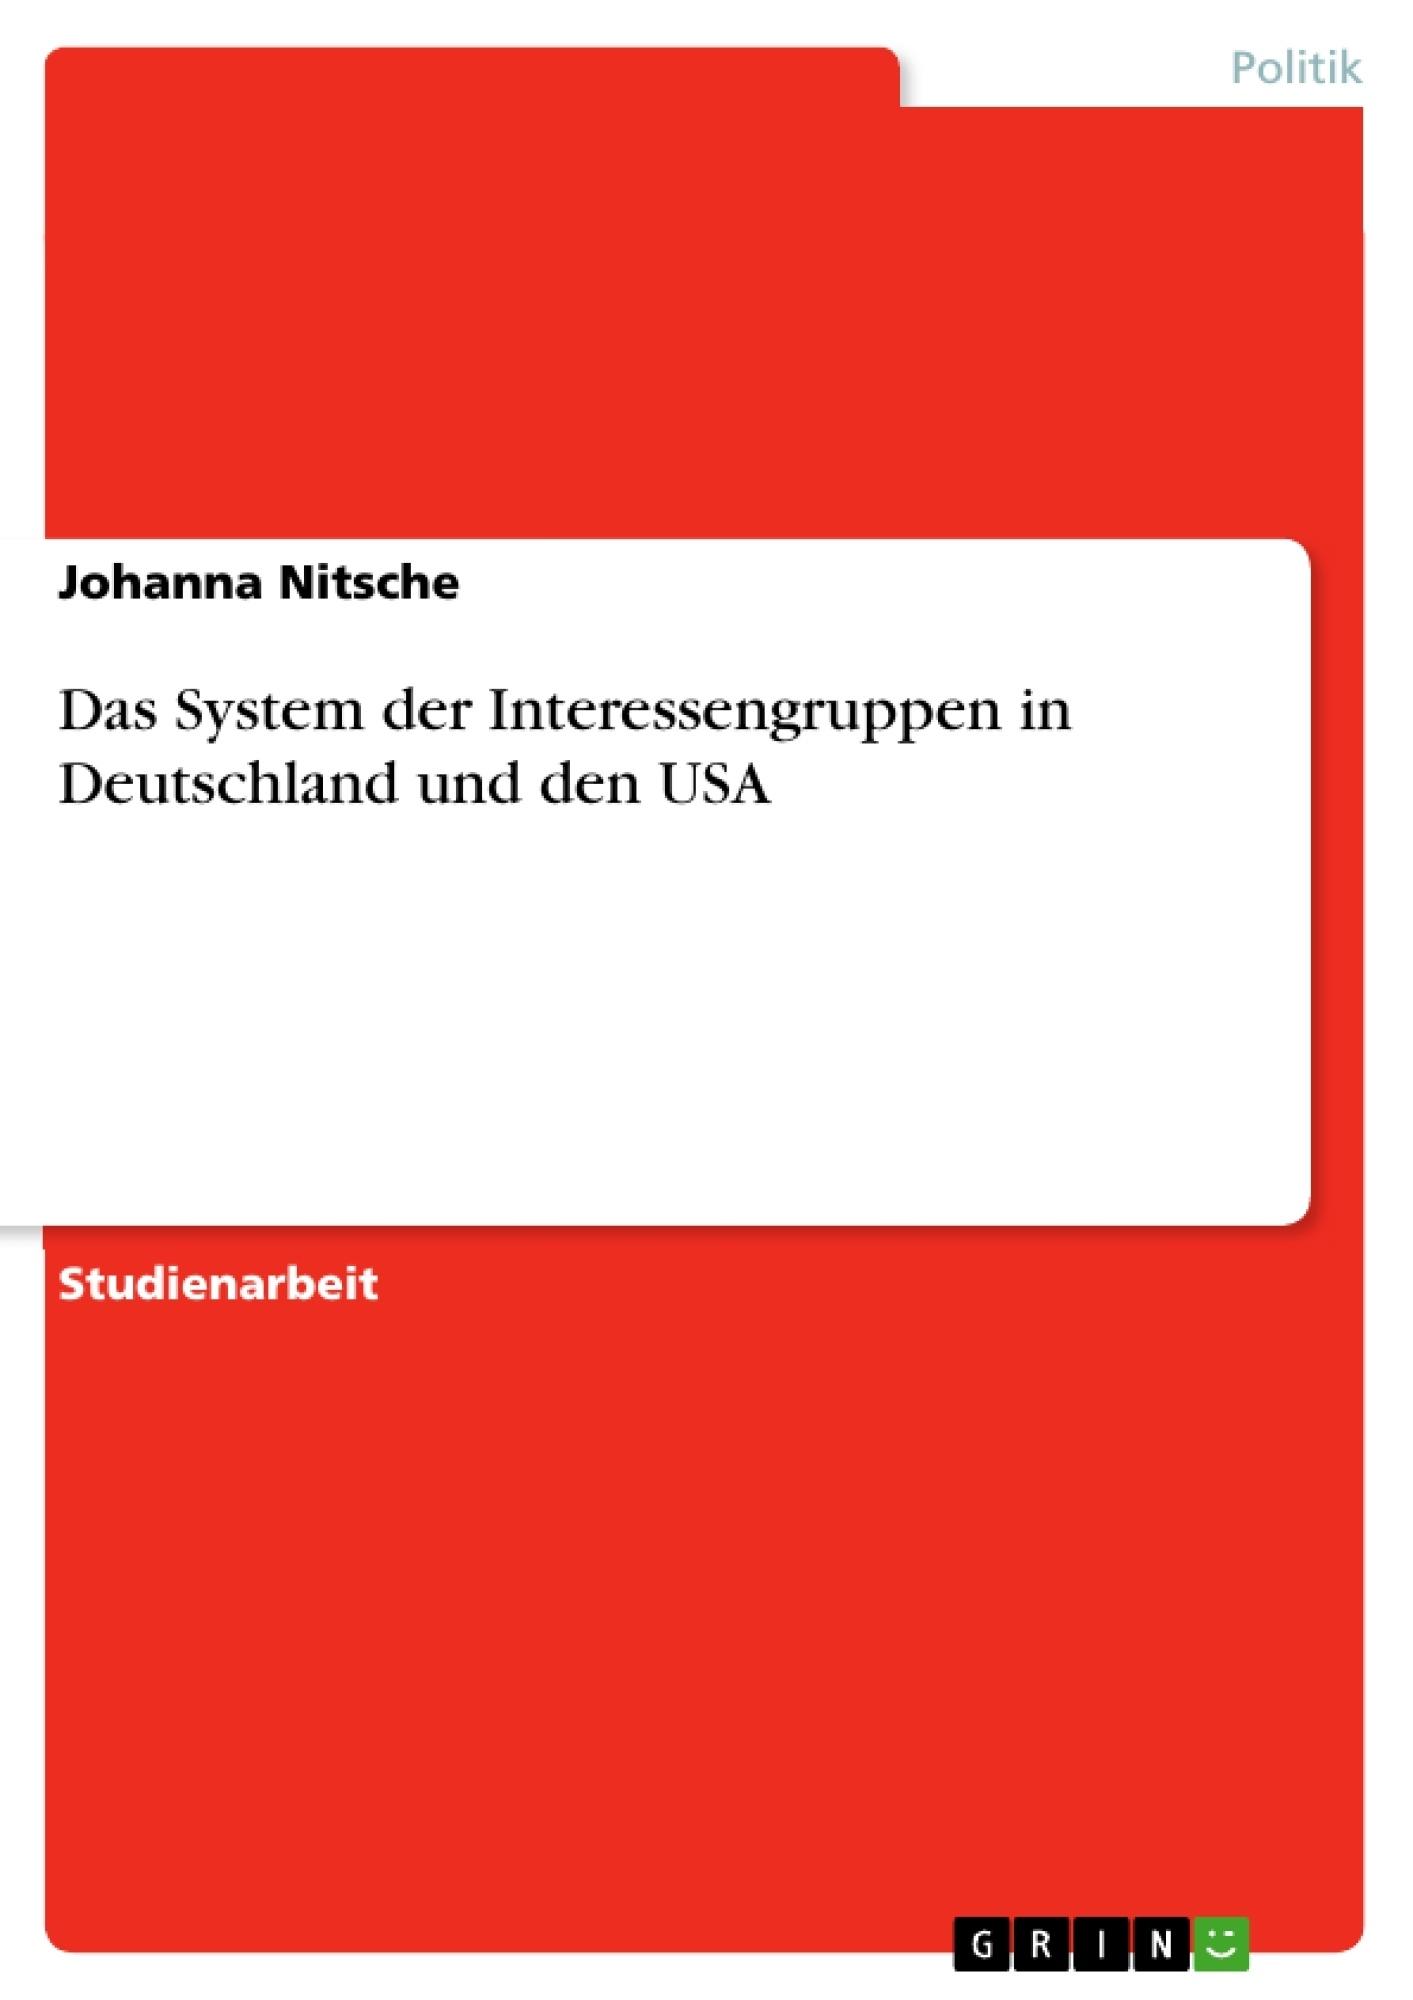 Titel: Das System der Interessengruppen in Deutschland und den USA